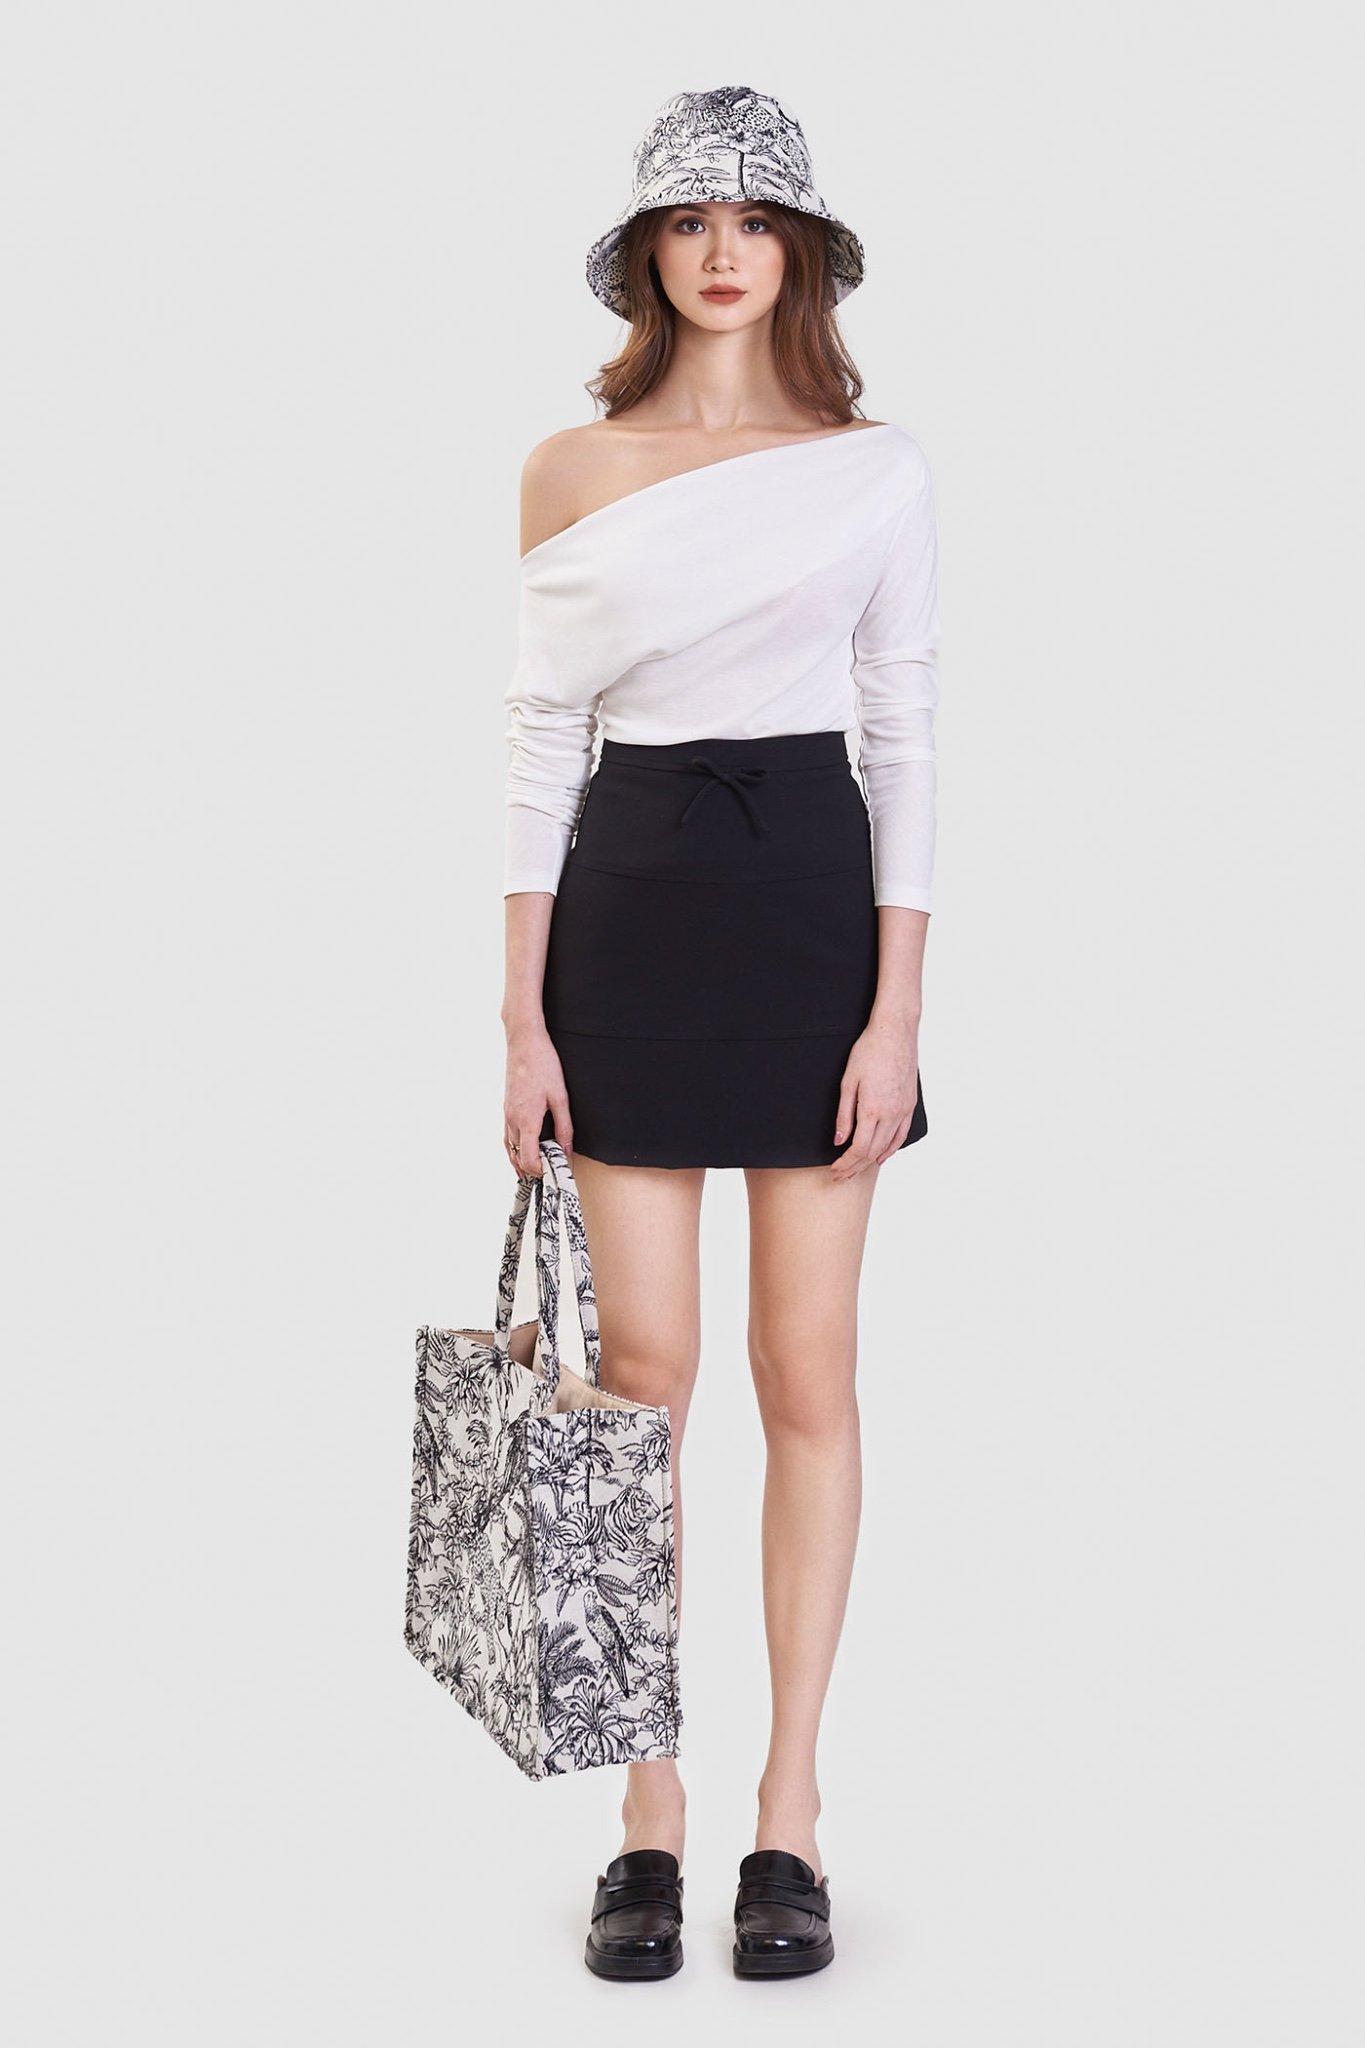 Váy mini nhấn nơ rã 3 mảnh